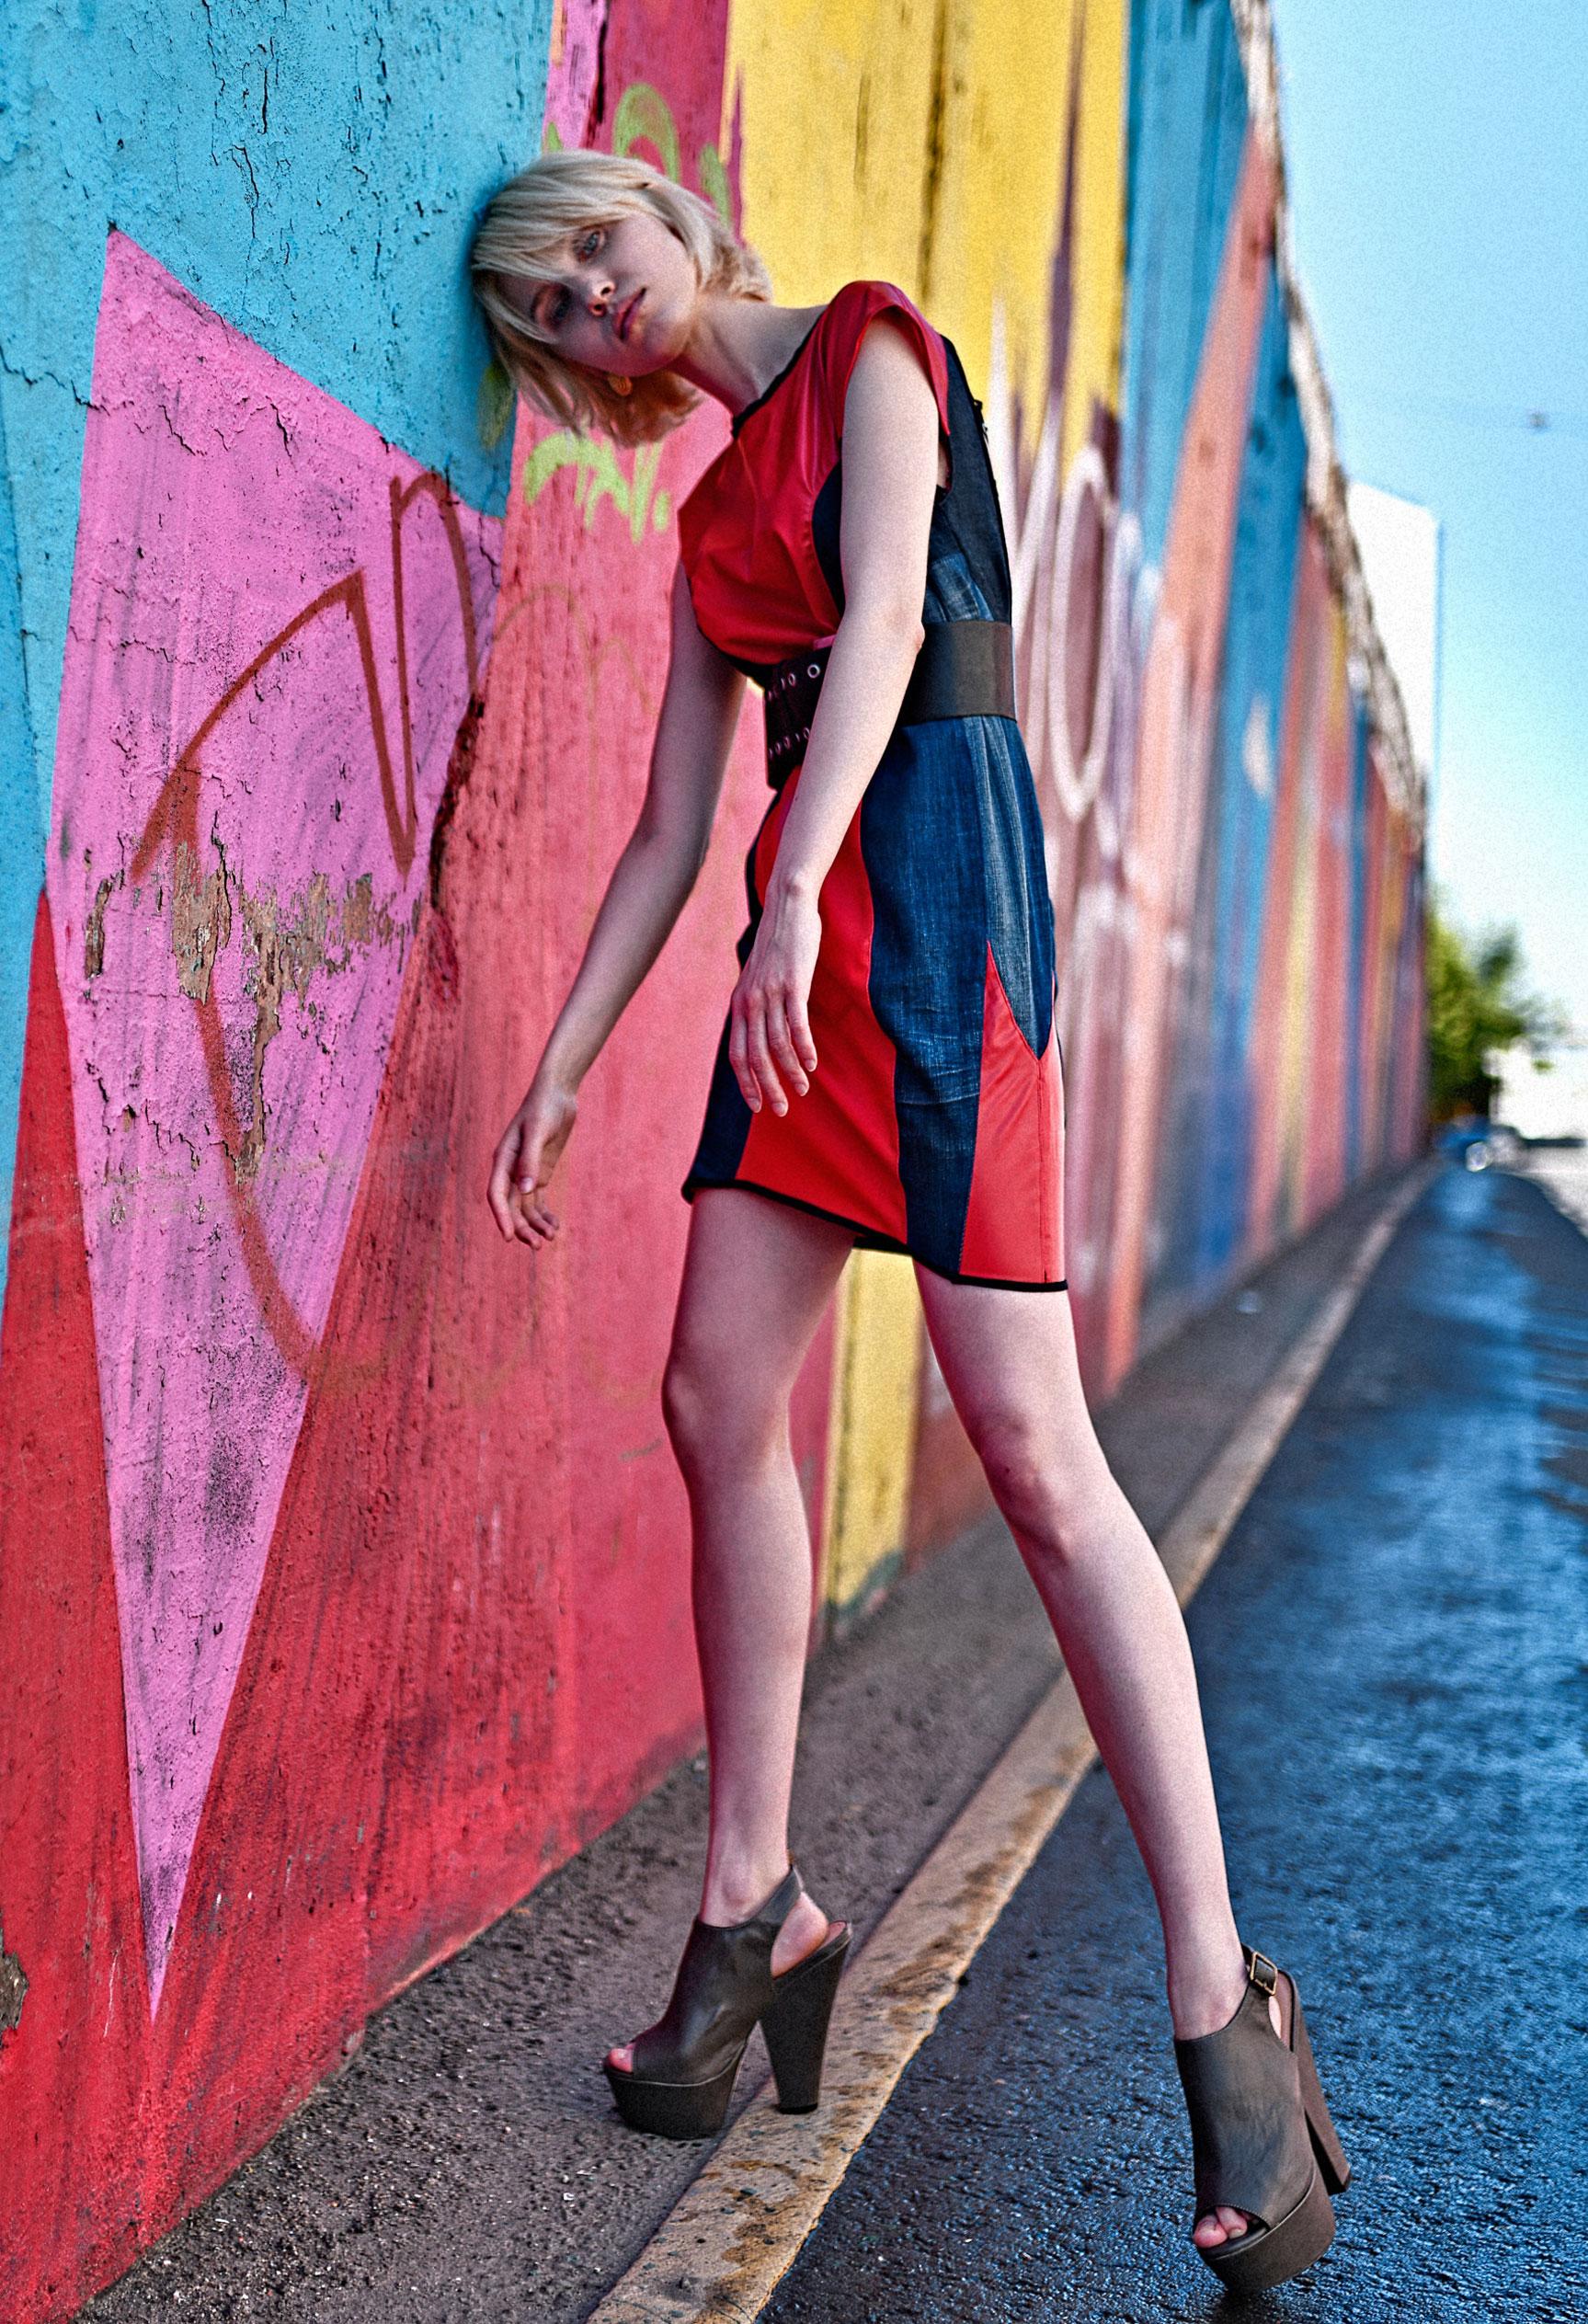 Модная граффити-прогулка Елены Митинской / фото 04